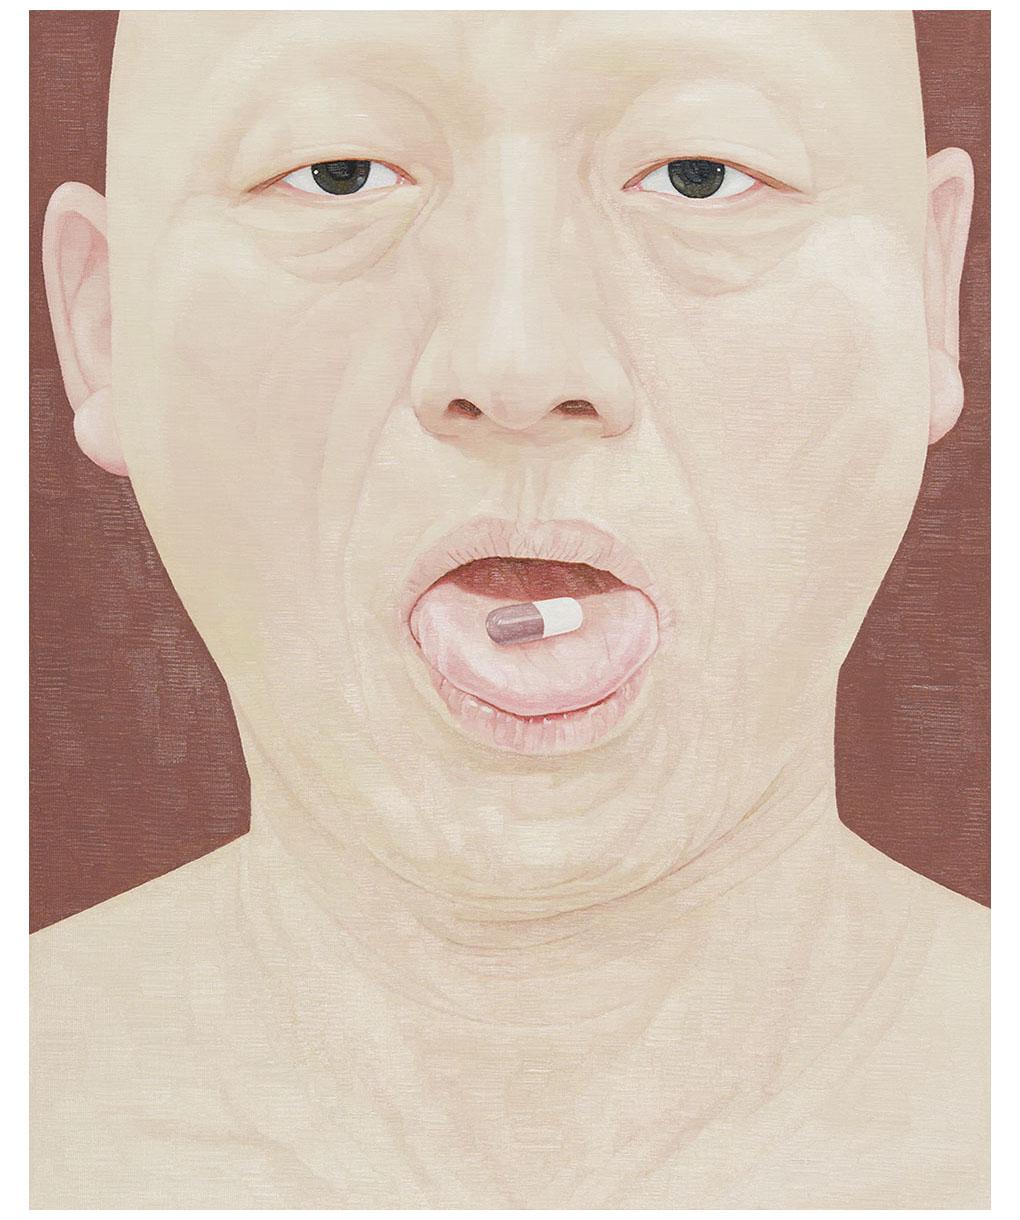 한 사람으로서의 자화상- 캡슐 90.9cm x 72.7cm Oil on canvas 2017.jpg